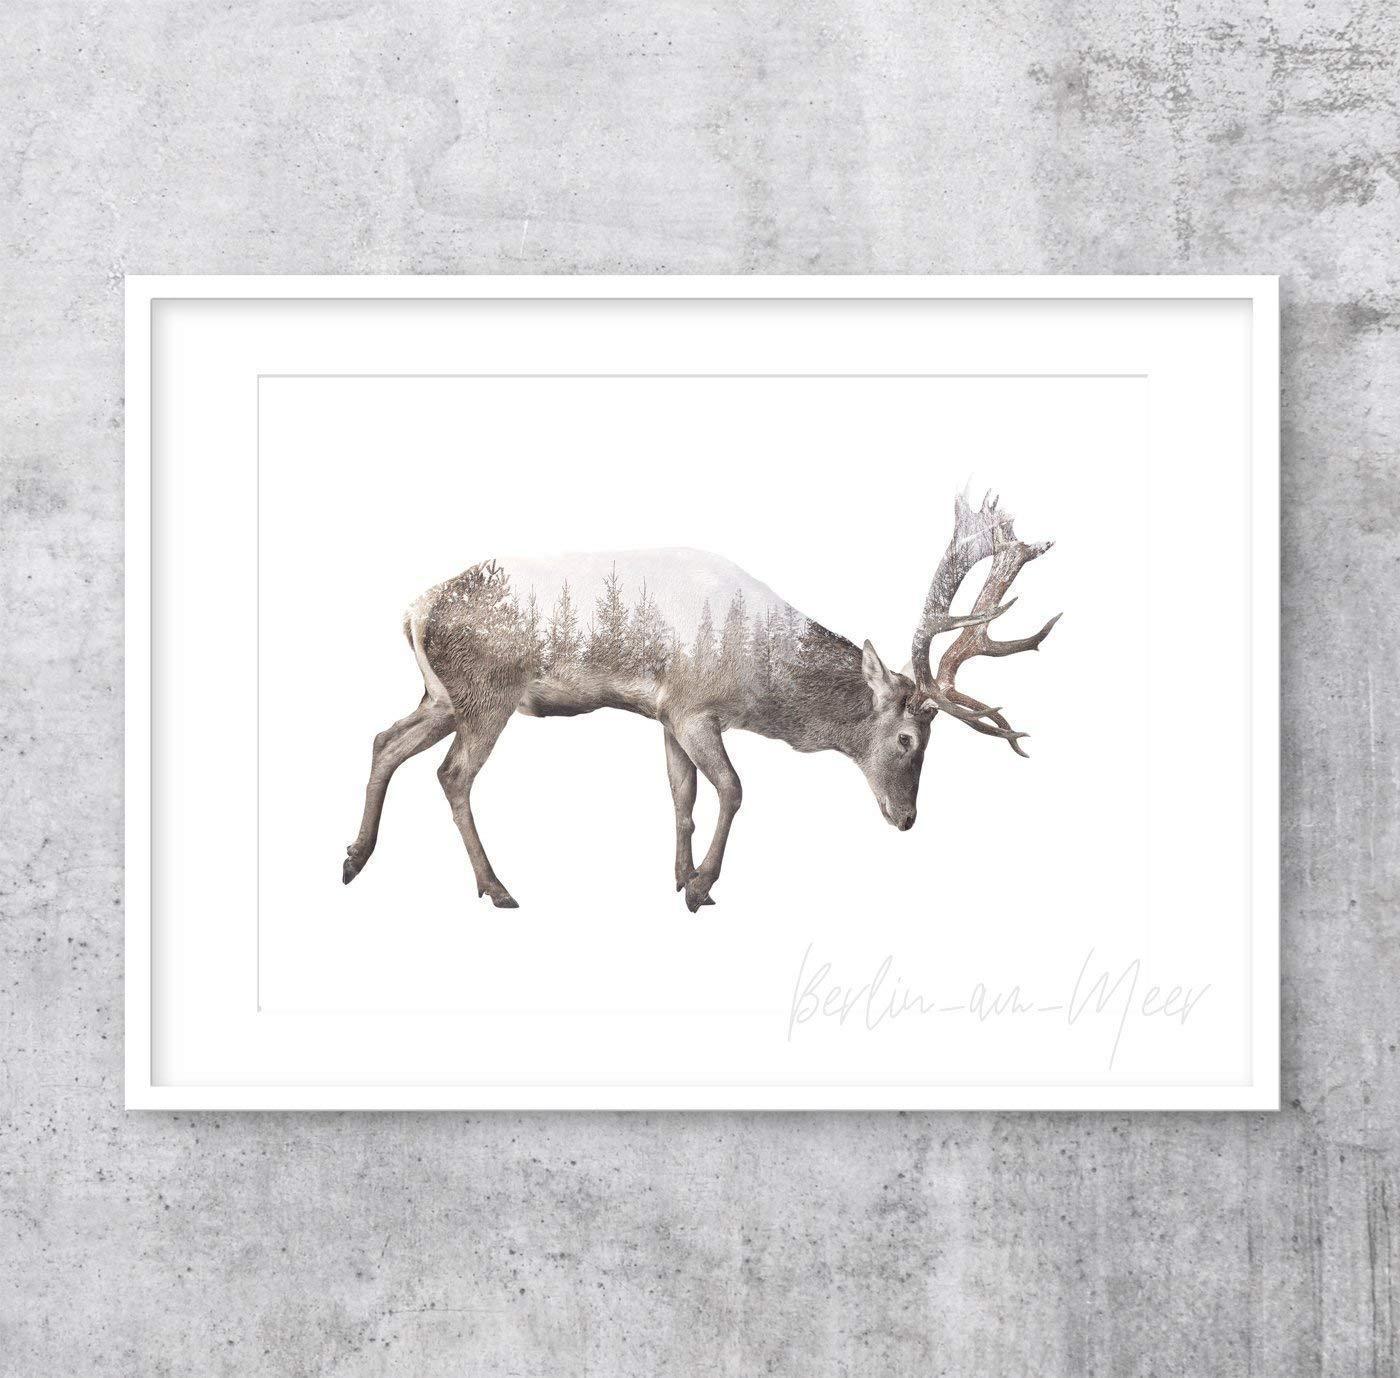 Tier Wald skandinavisch DIN A4 Kunstdruck Poster DEER /& FOREST -ungerahmt- Hirsch nordisch